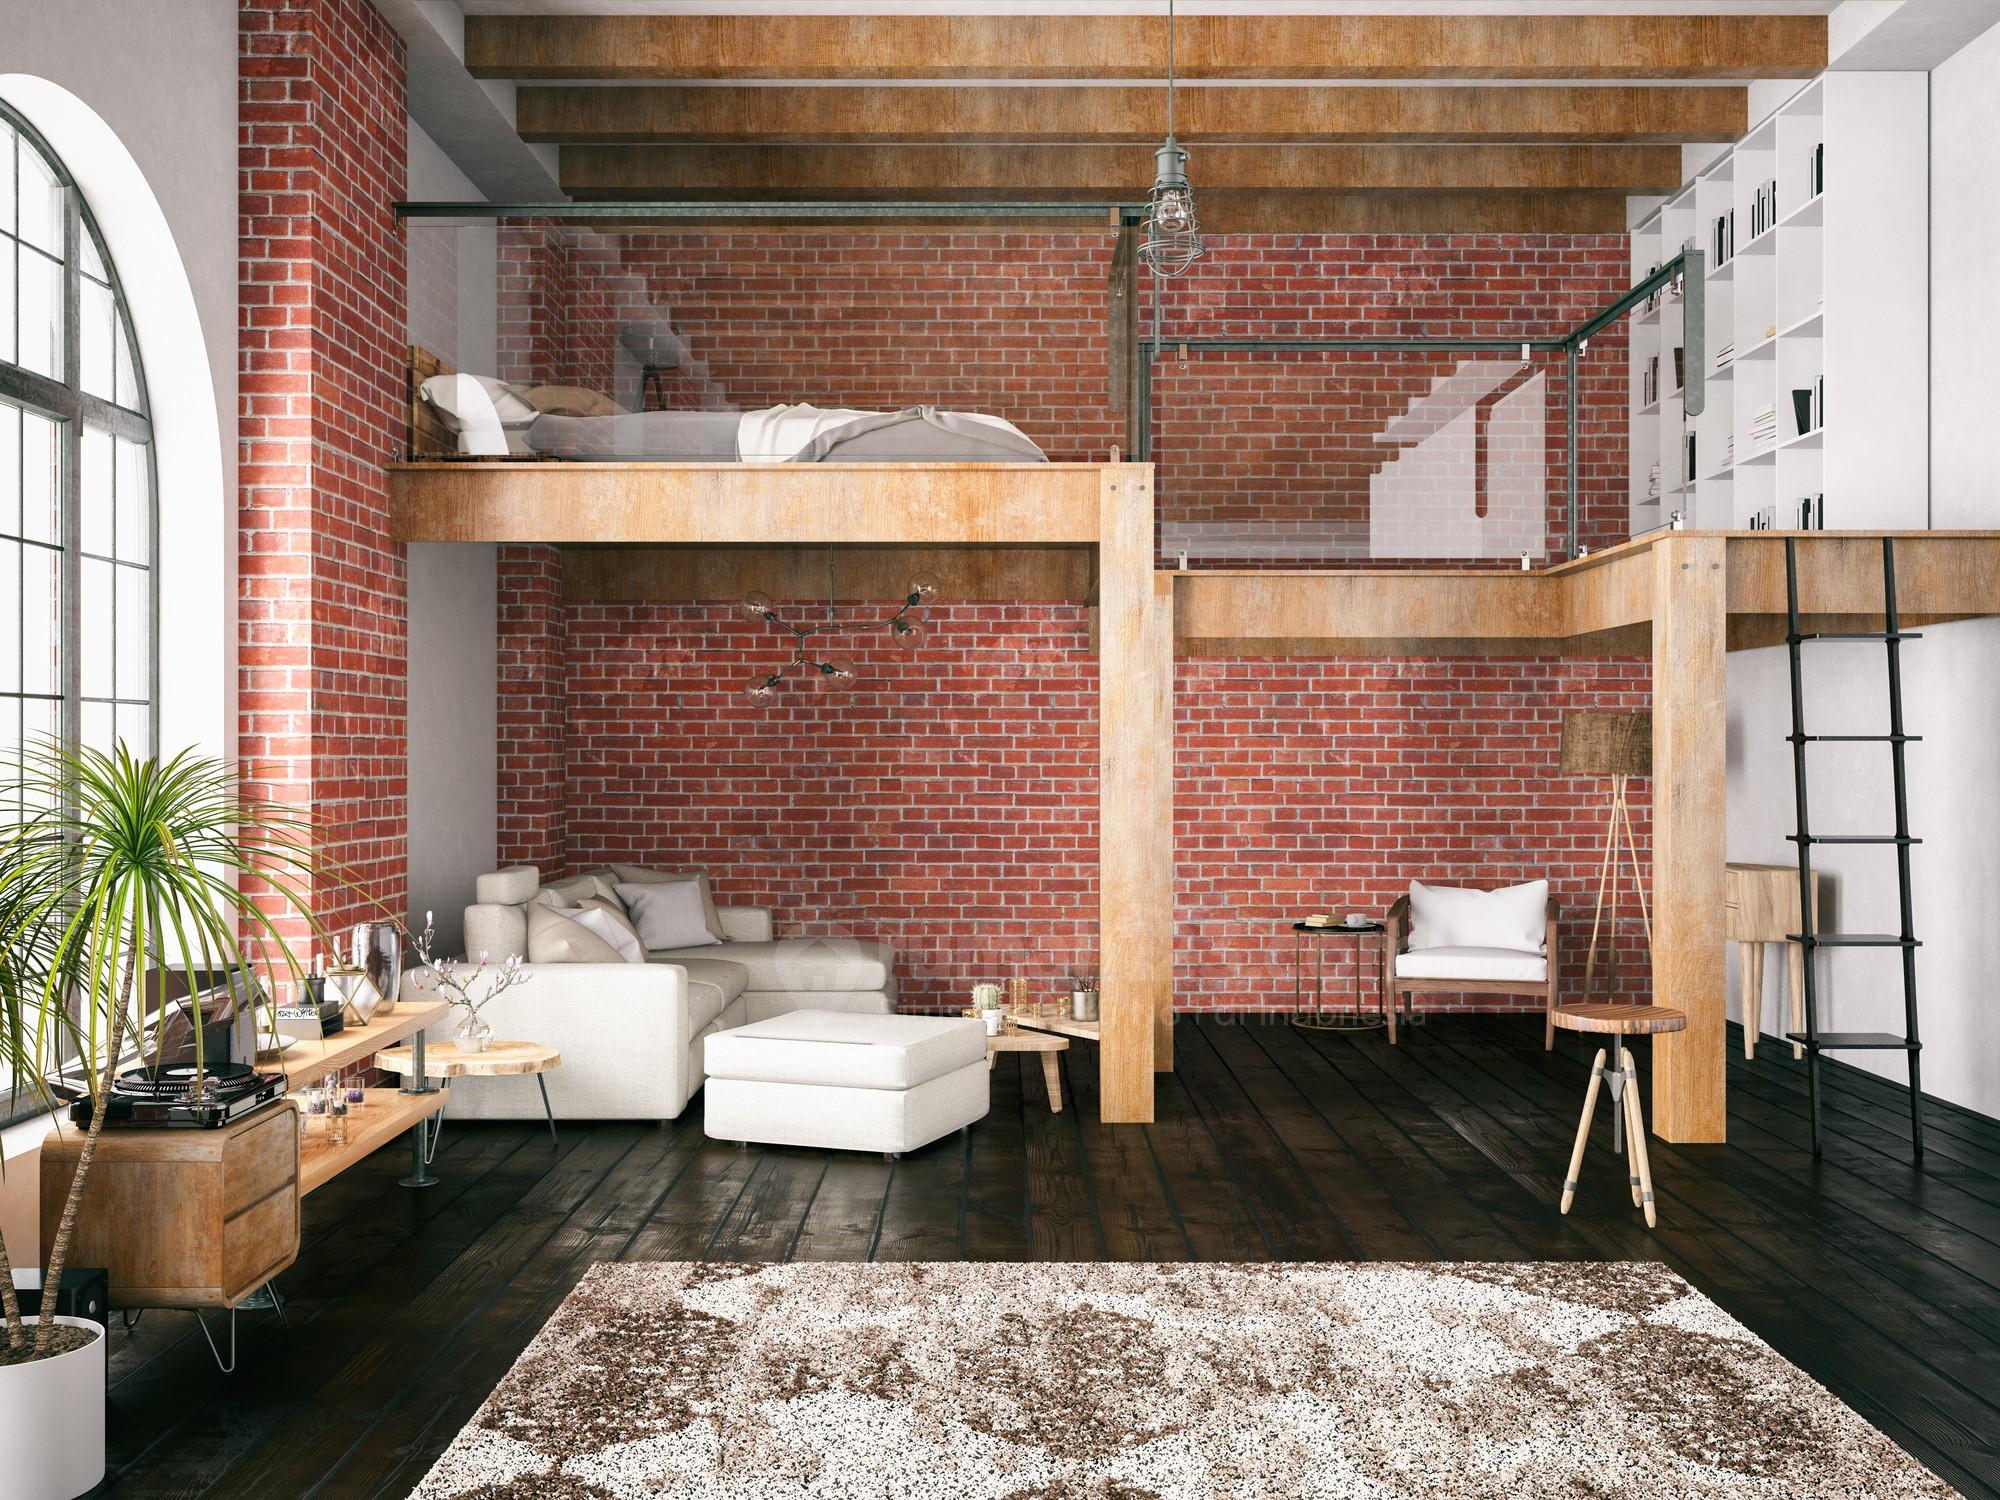 850 Foto Desain Rumah Kecil Yg Minimalis Paling Keren Download